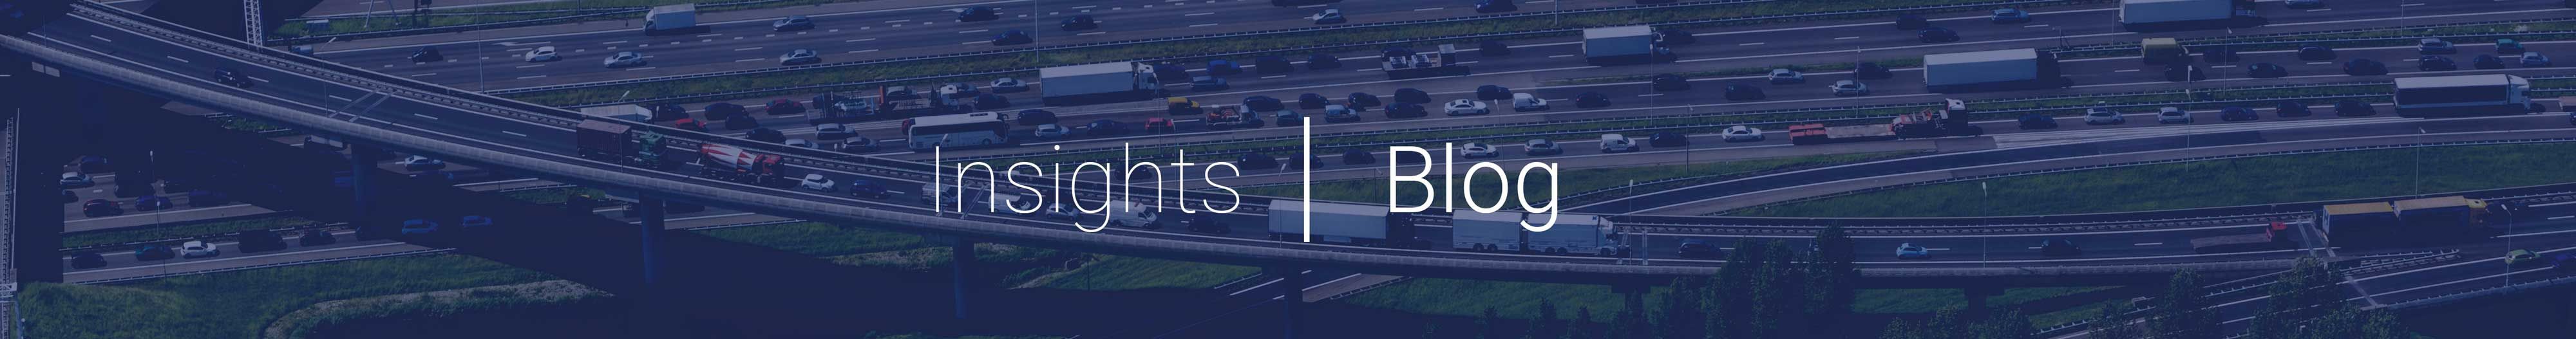 Insights_Blog.jpg